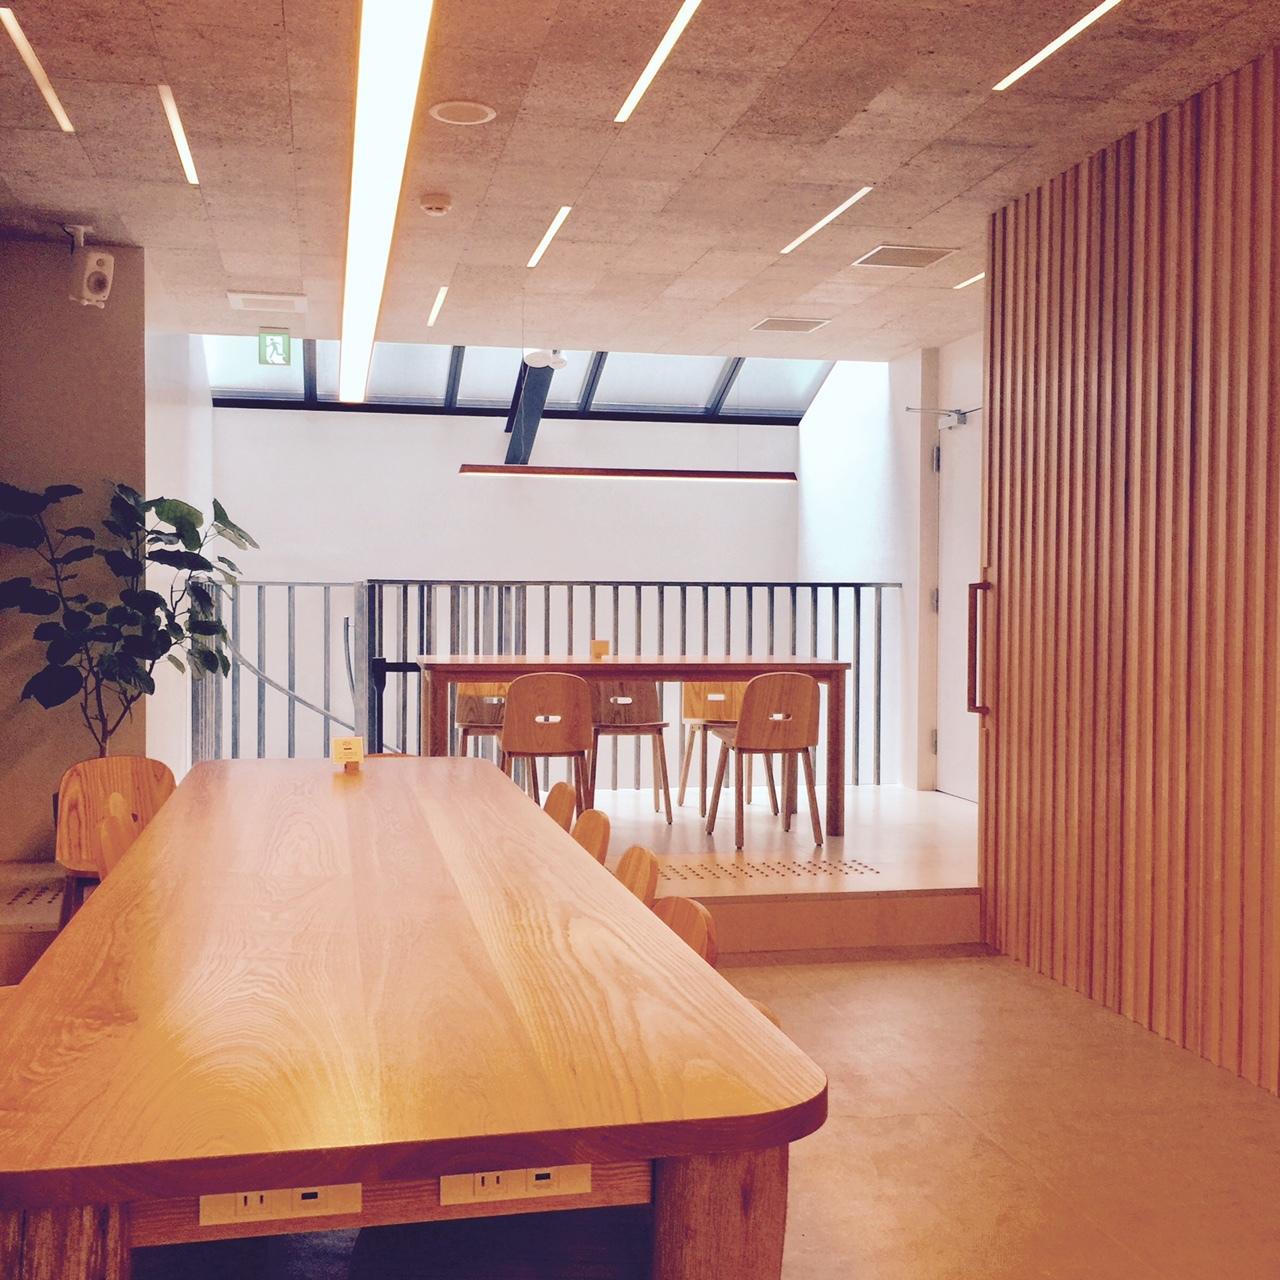 京都にできた北欧スタイルの宿、MAJA HOTEL KYOTOに泊まる!_1_4-5